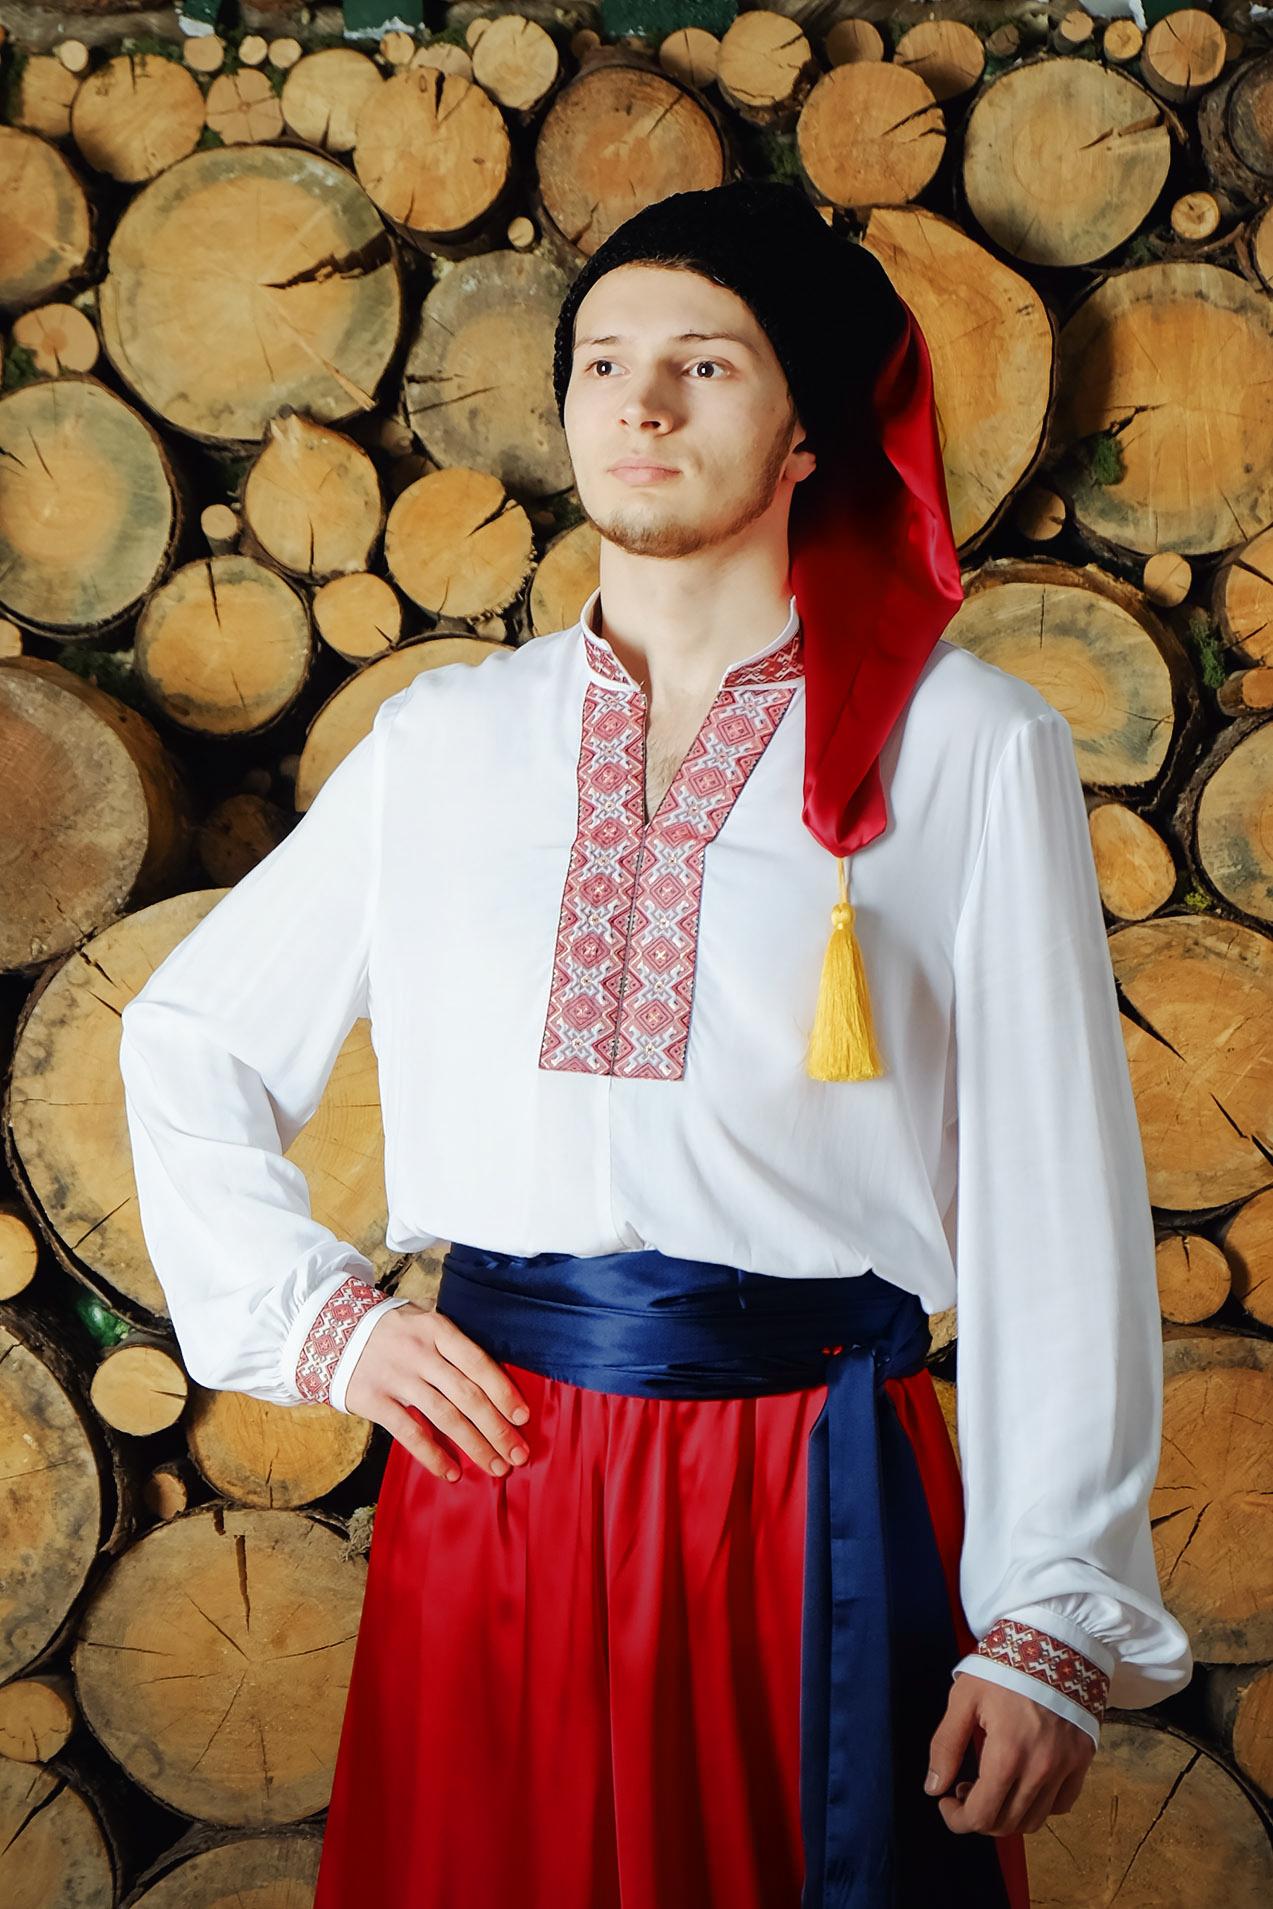 Костюм украинский народный Добрый молодец приближенный фрагмент